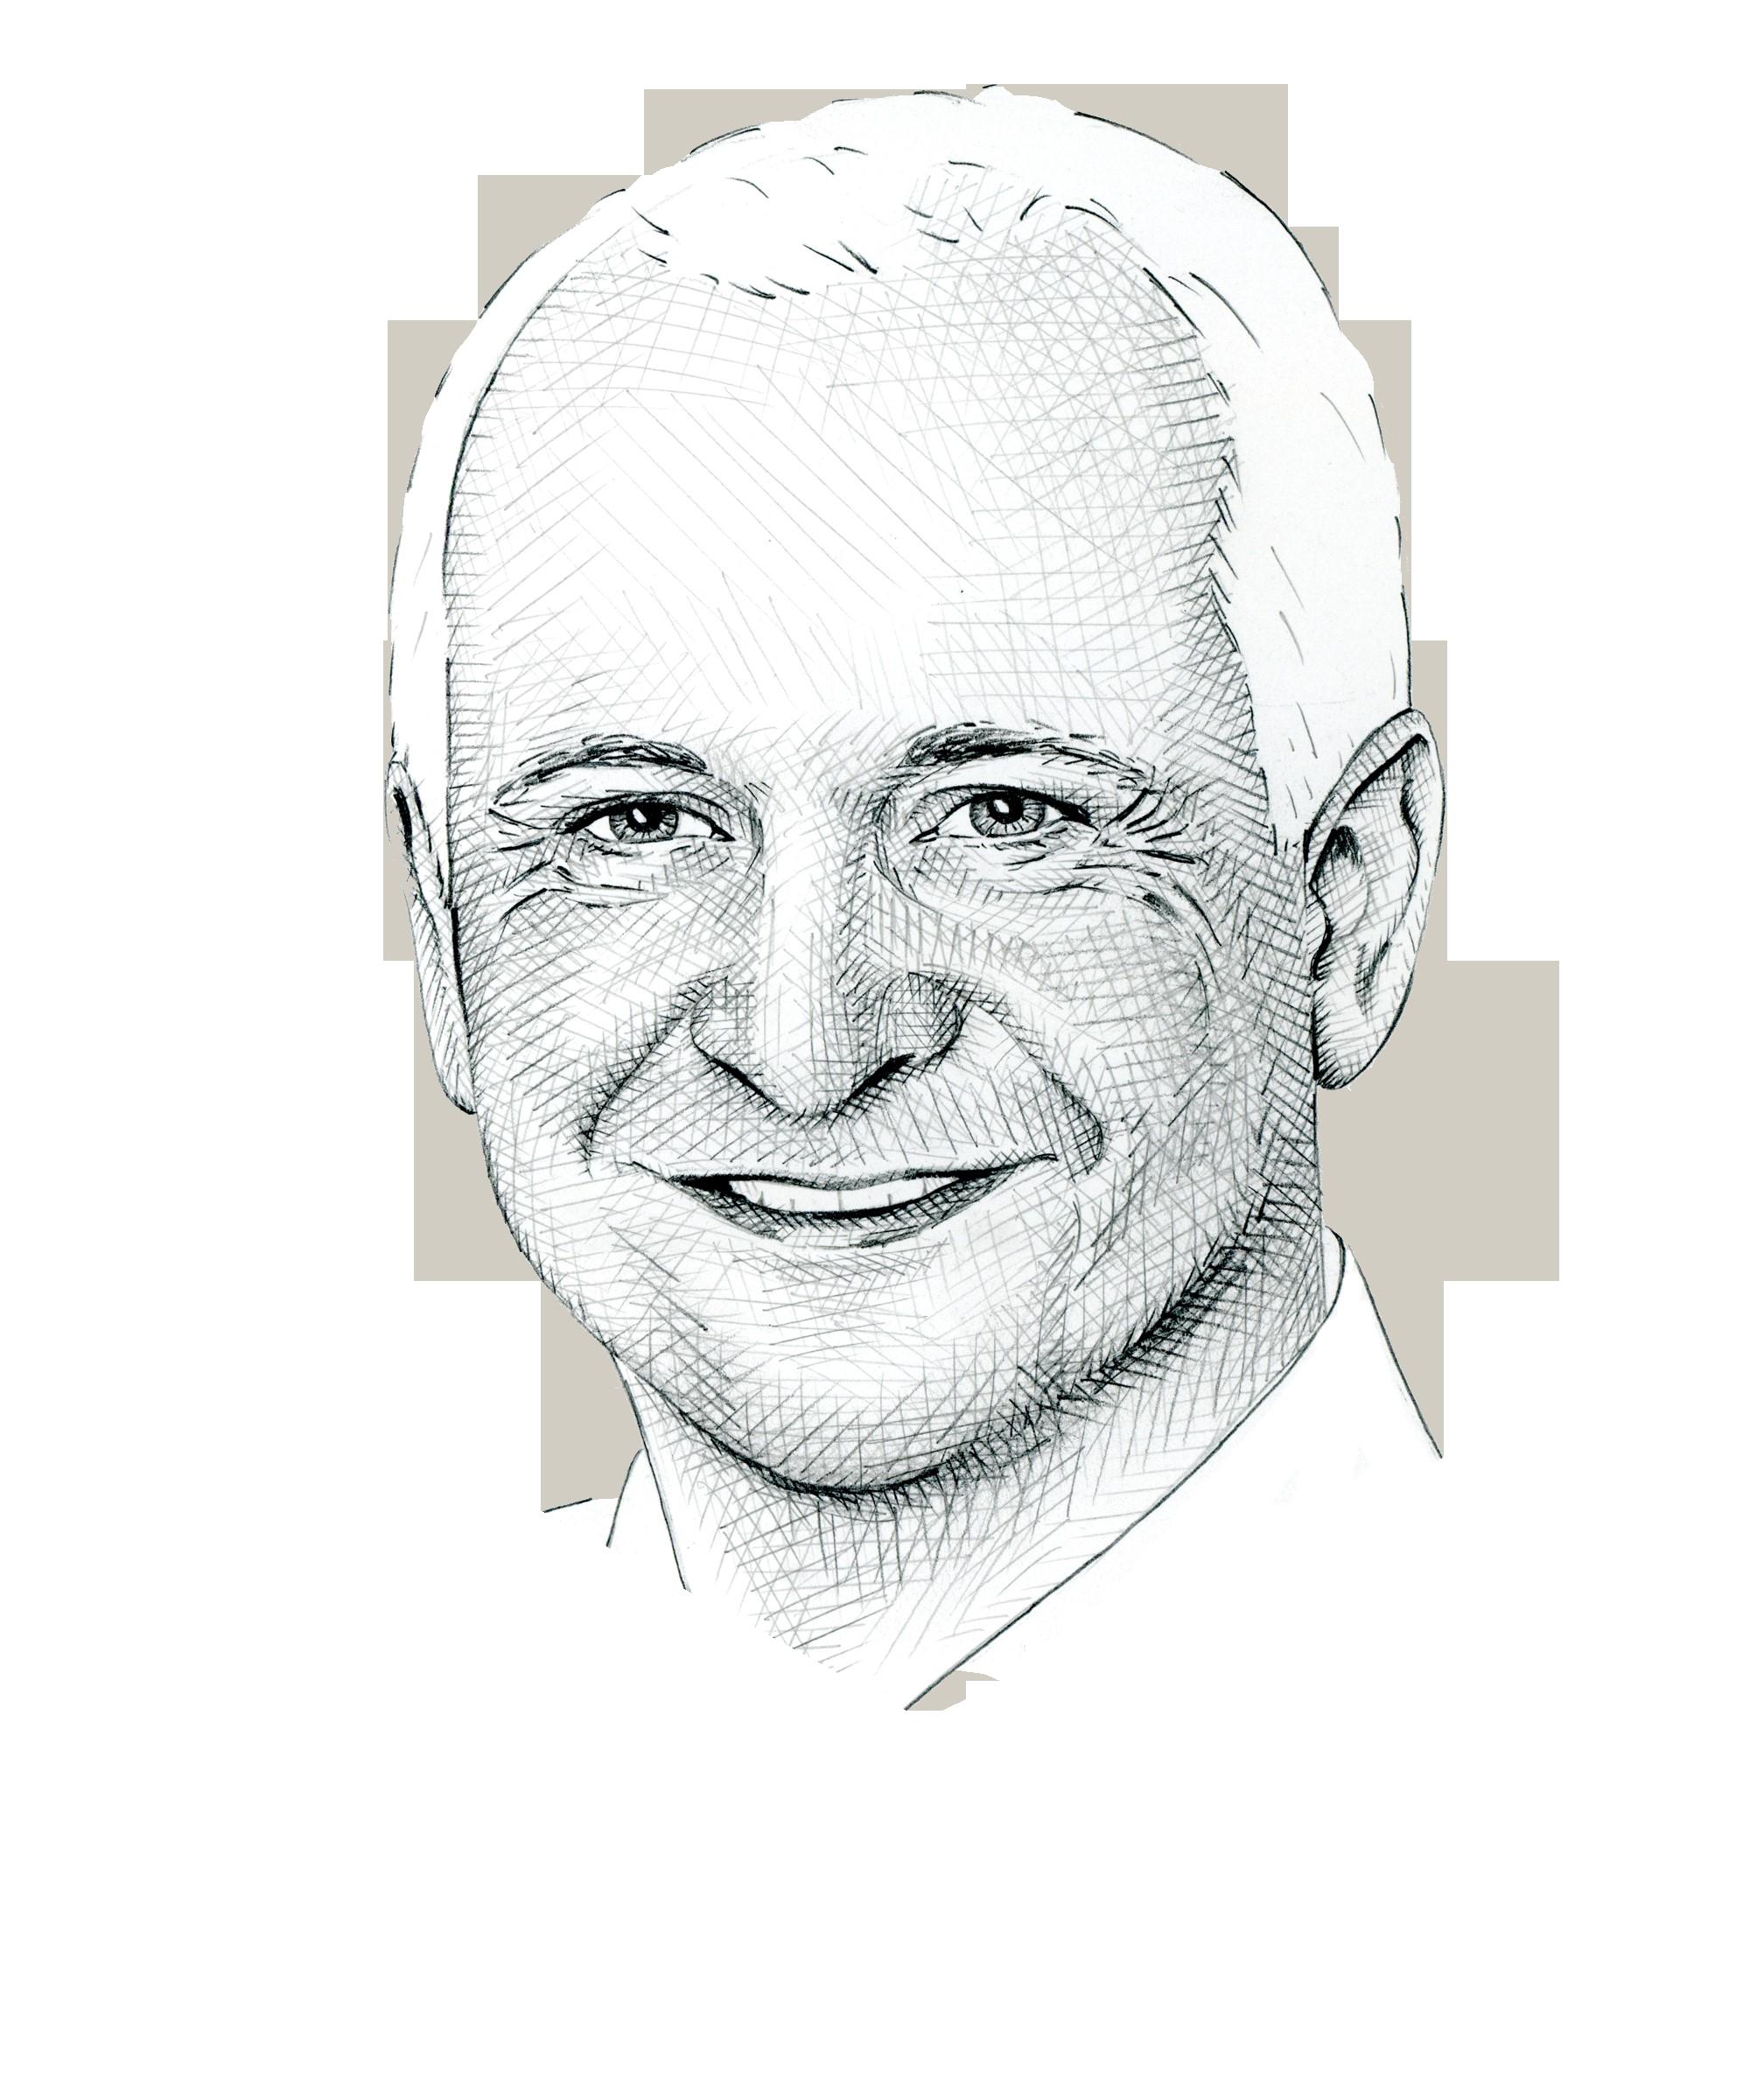 Robert Snoek